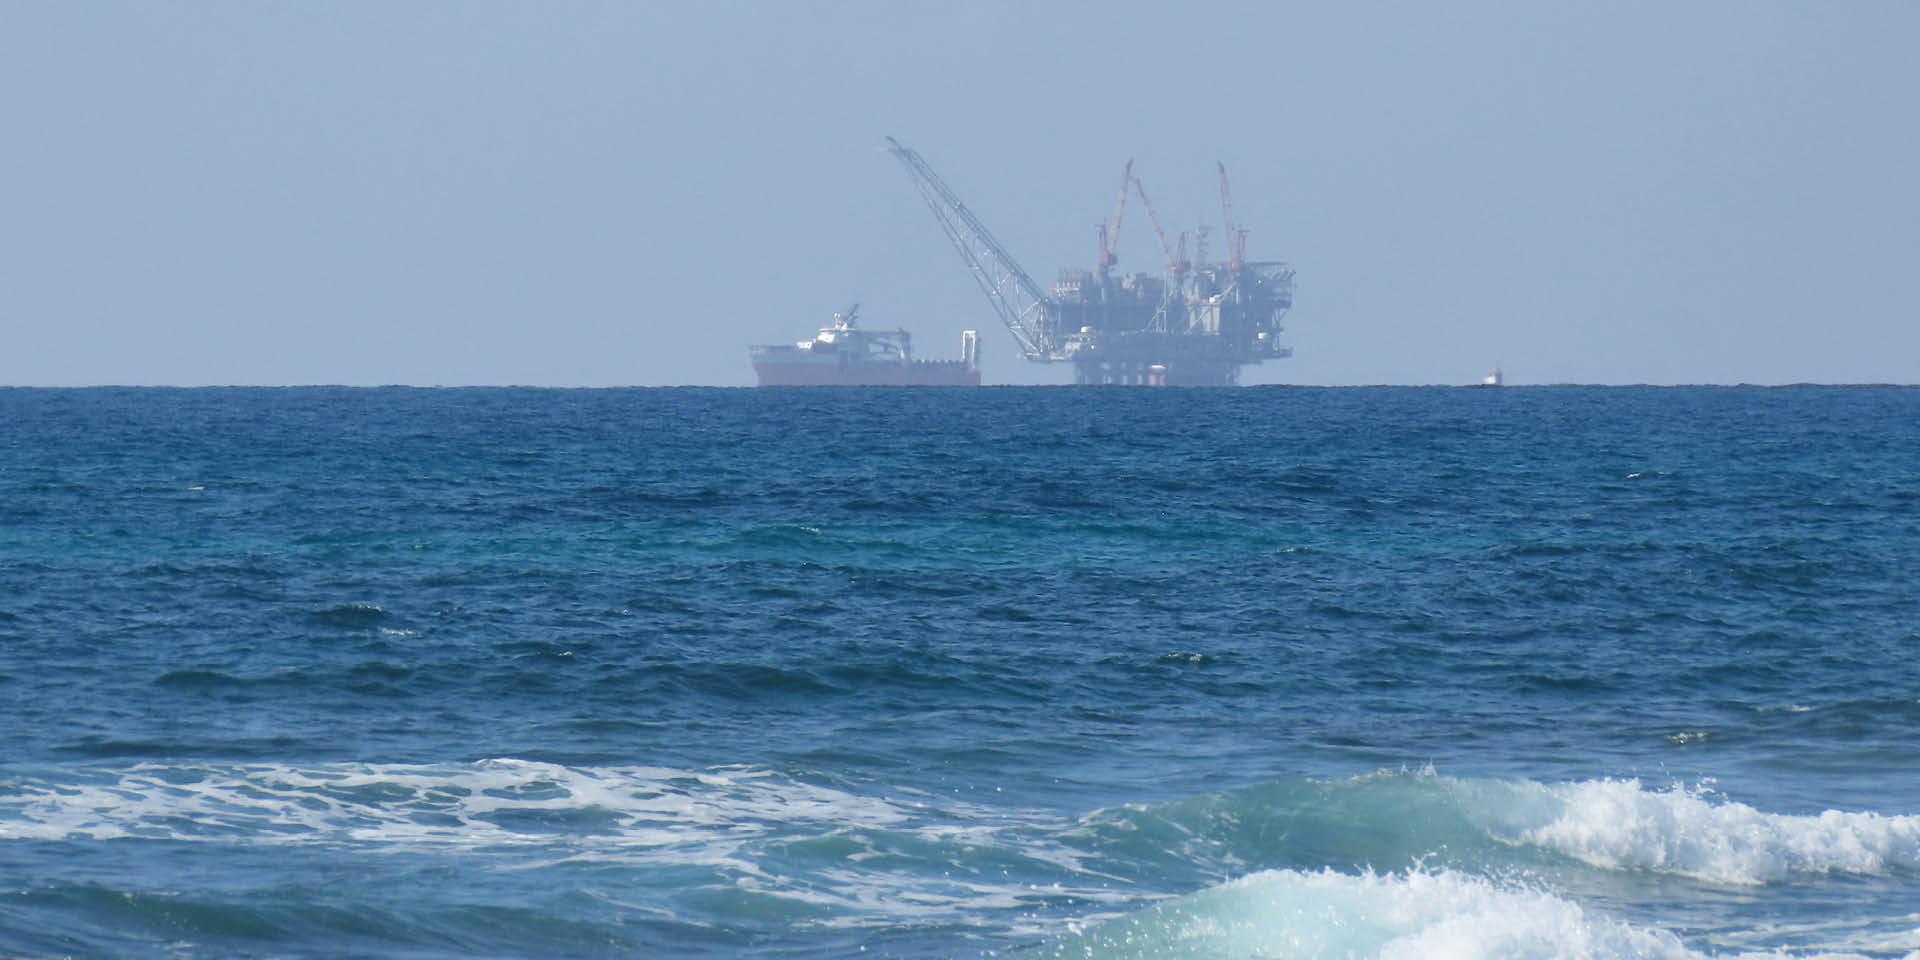 אסדת לוויתן בצילום מהחוף (צילום: באדיבות עמיר בן דוד וויקיפדיה)